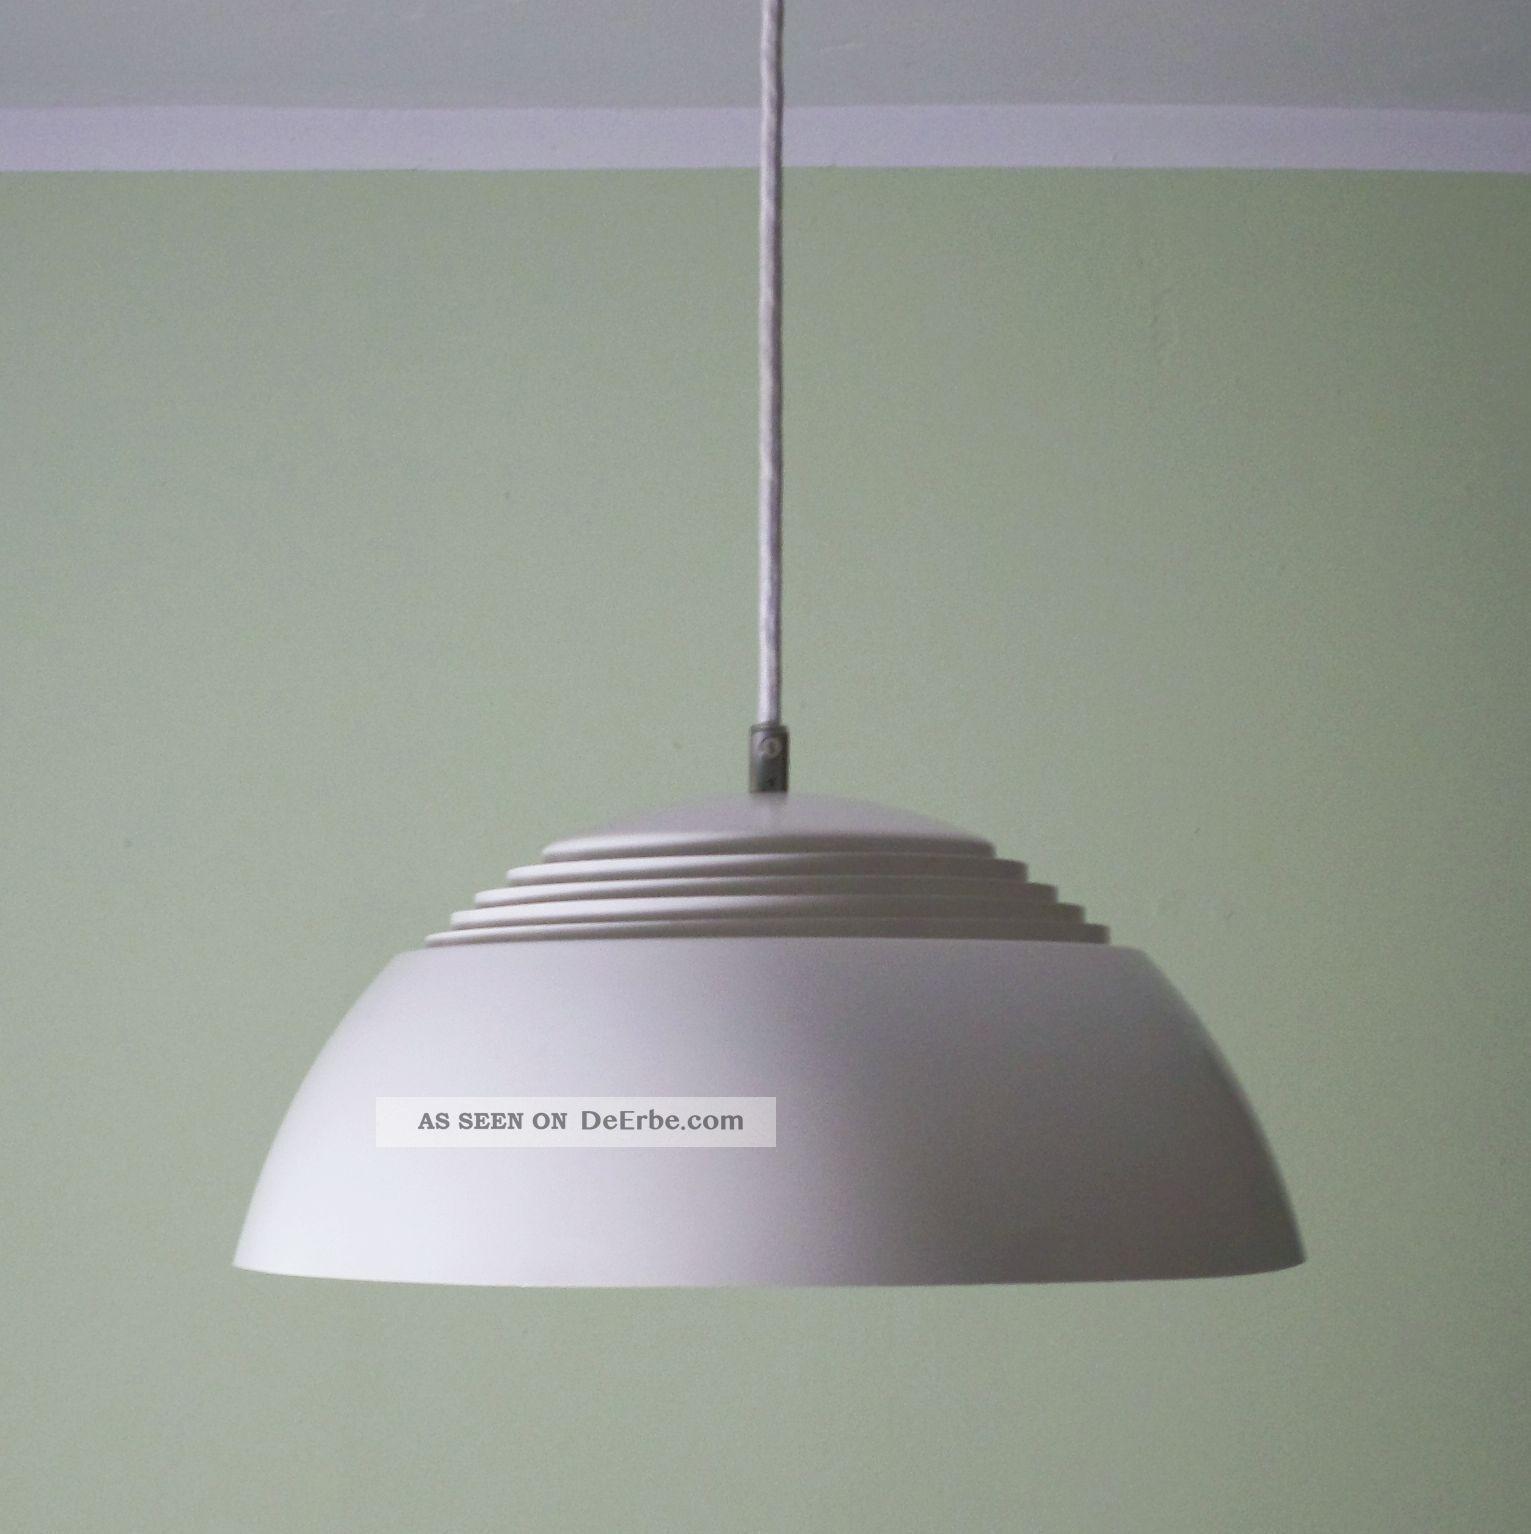 h ngelampe arne jacobsen aj pendel royal louis poulsen durchmesser 37 cm. Black Bedroom Furniture Sets. Home Design Ideas